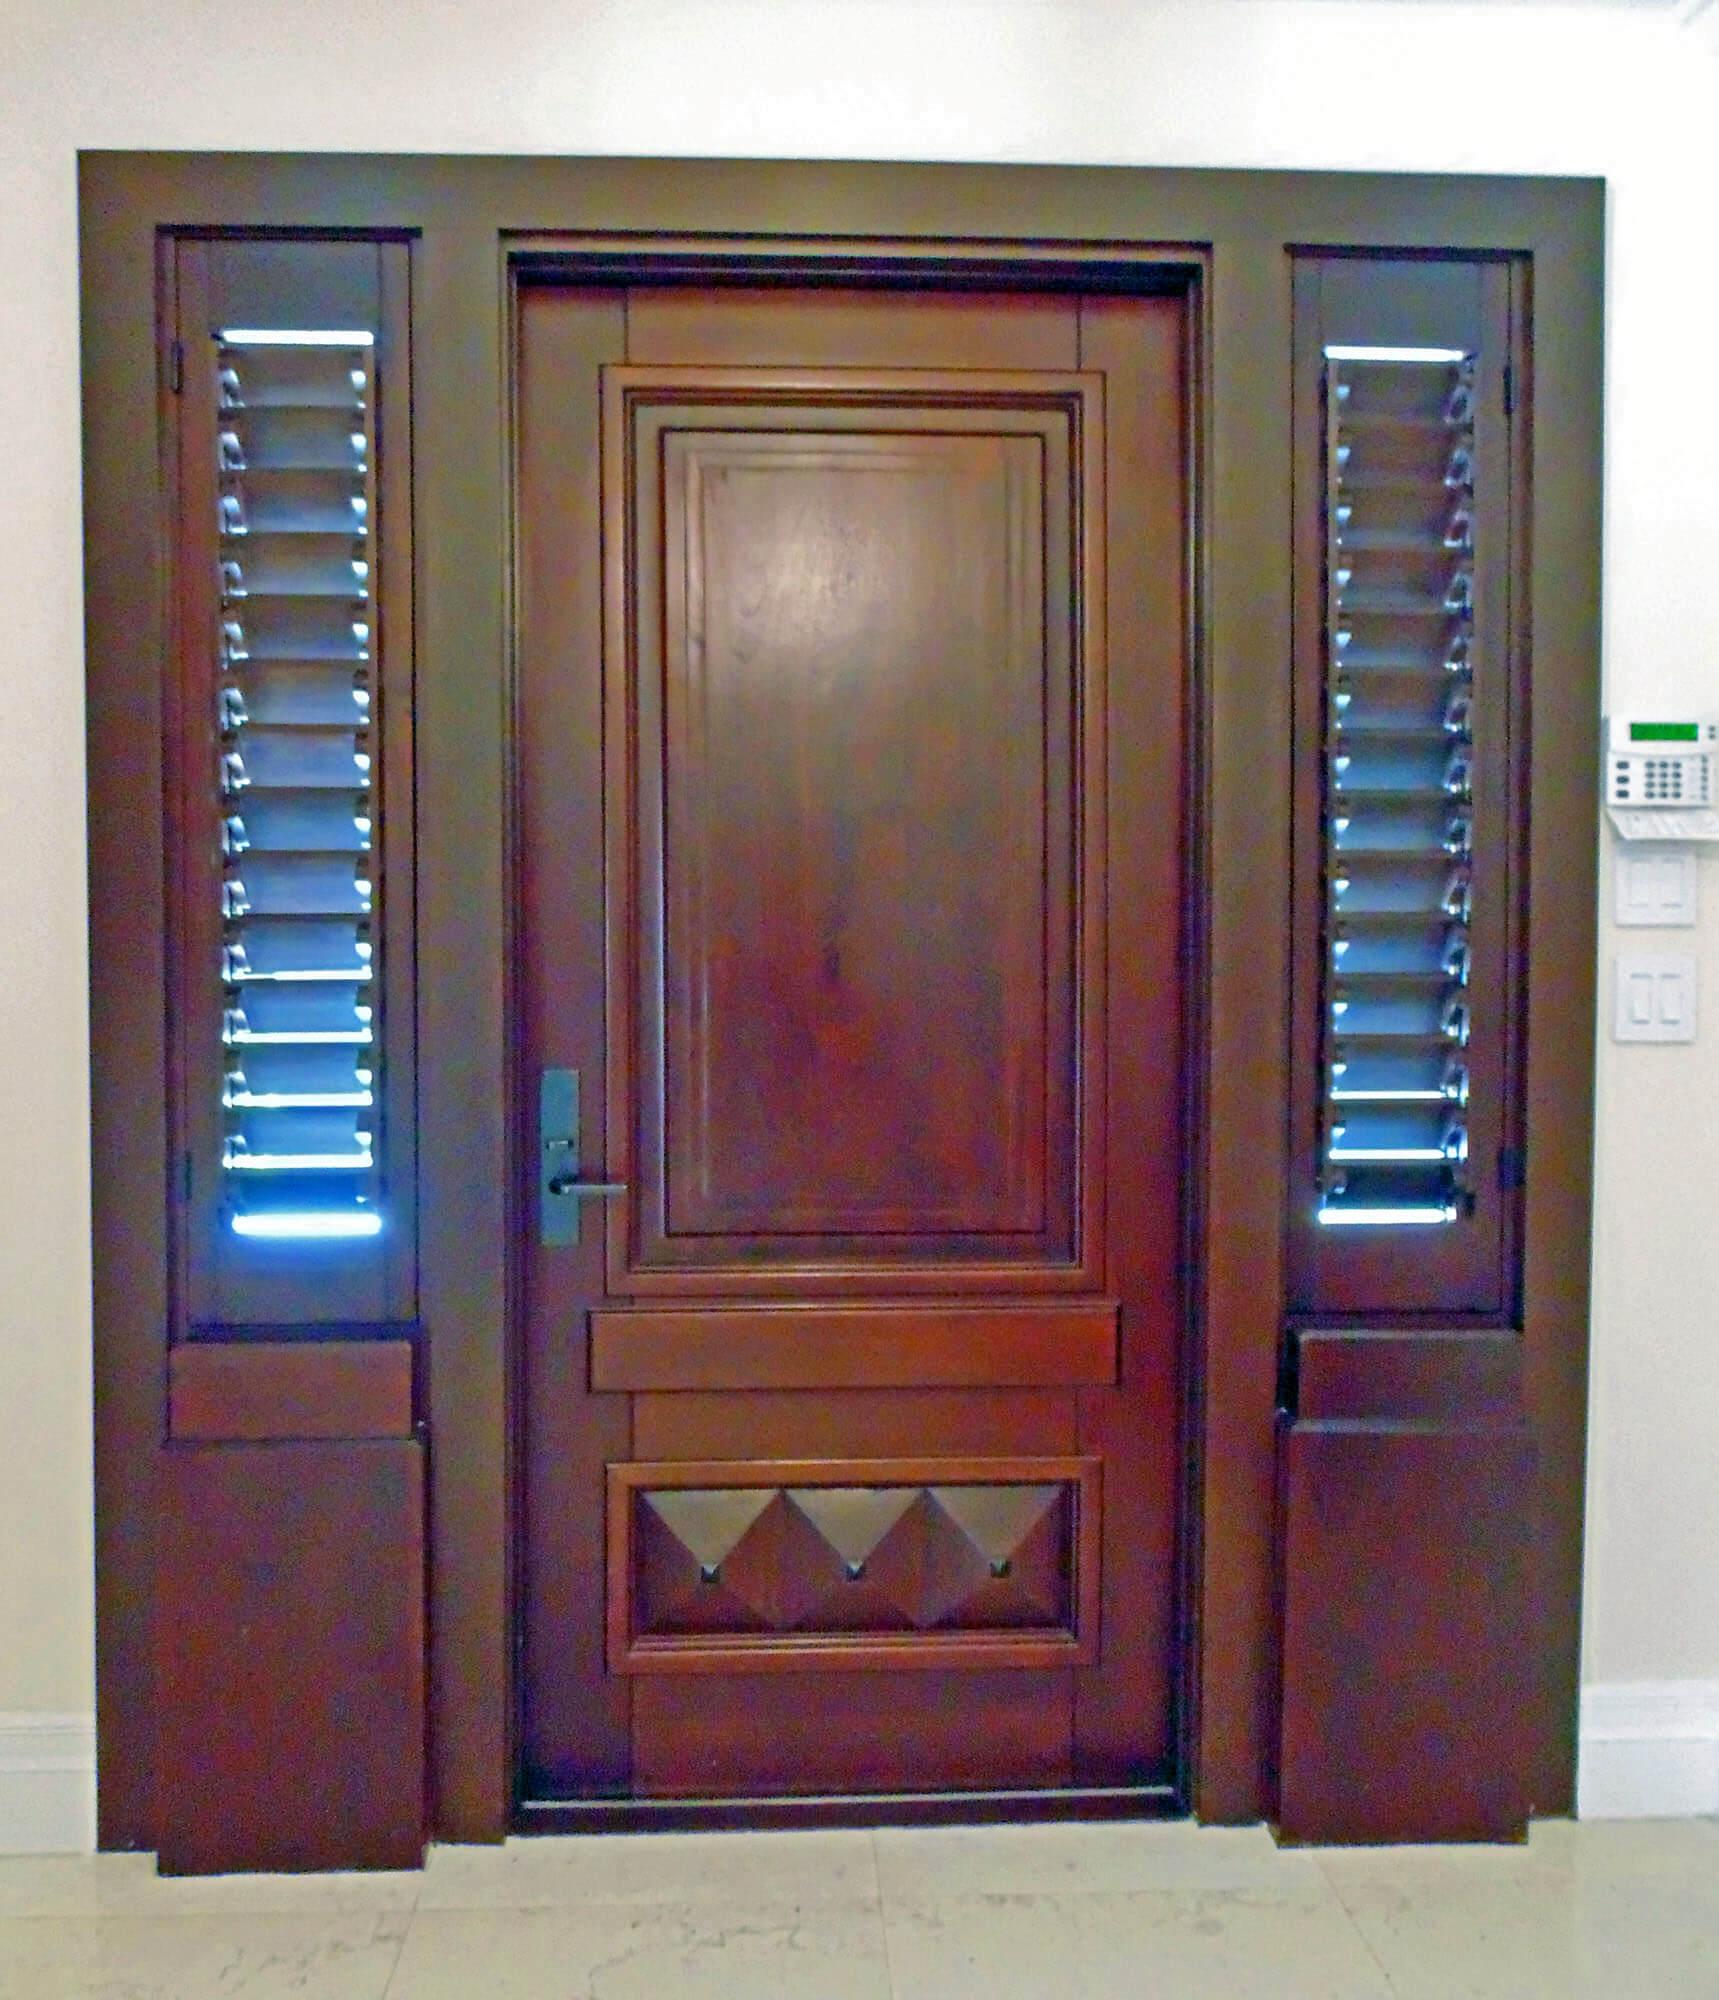 SOUTH MIAMI ENTRANCE DOOR INTERIOR